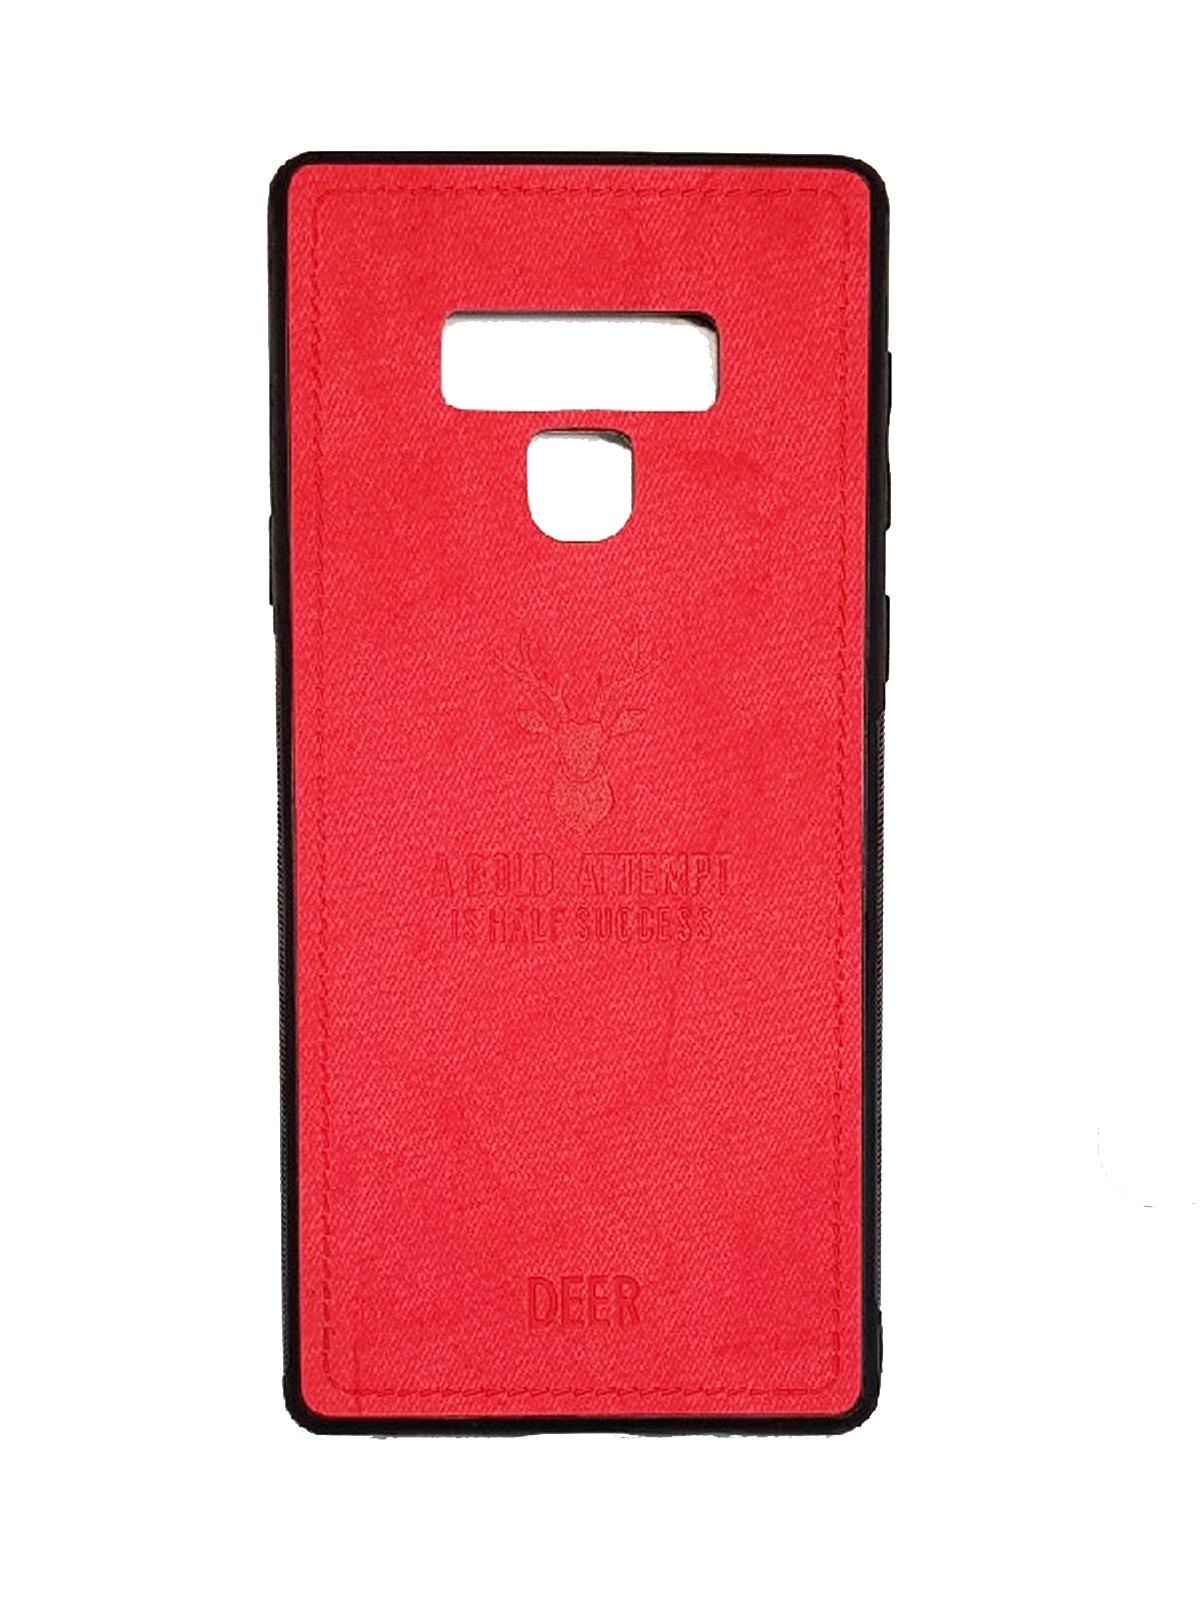 Чехол для сотового телефона Face Idea Samsung Note 9, красный